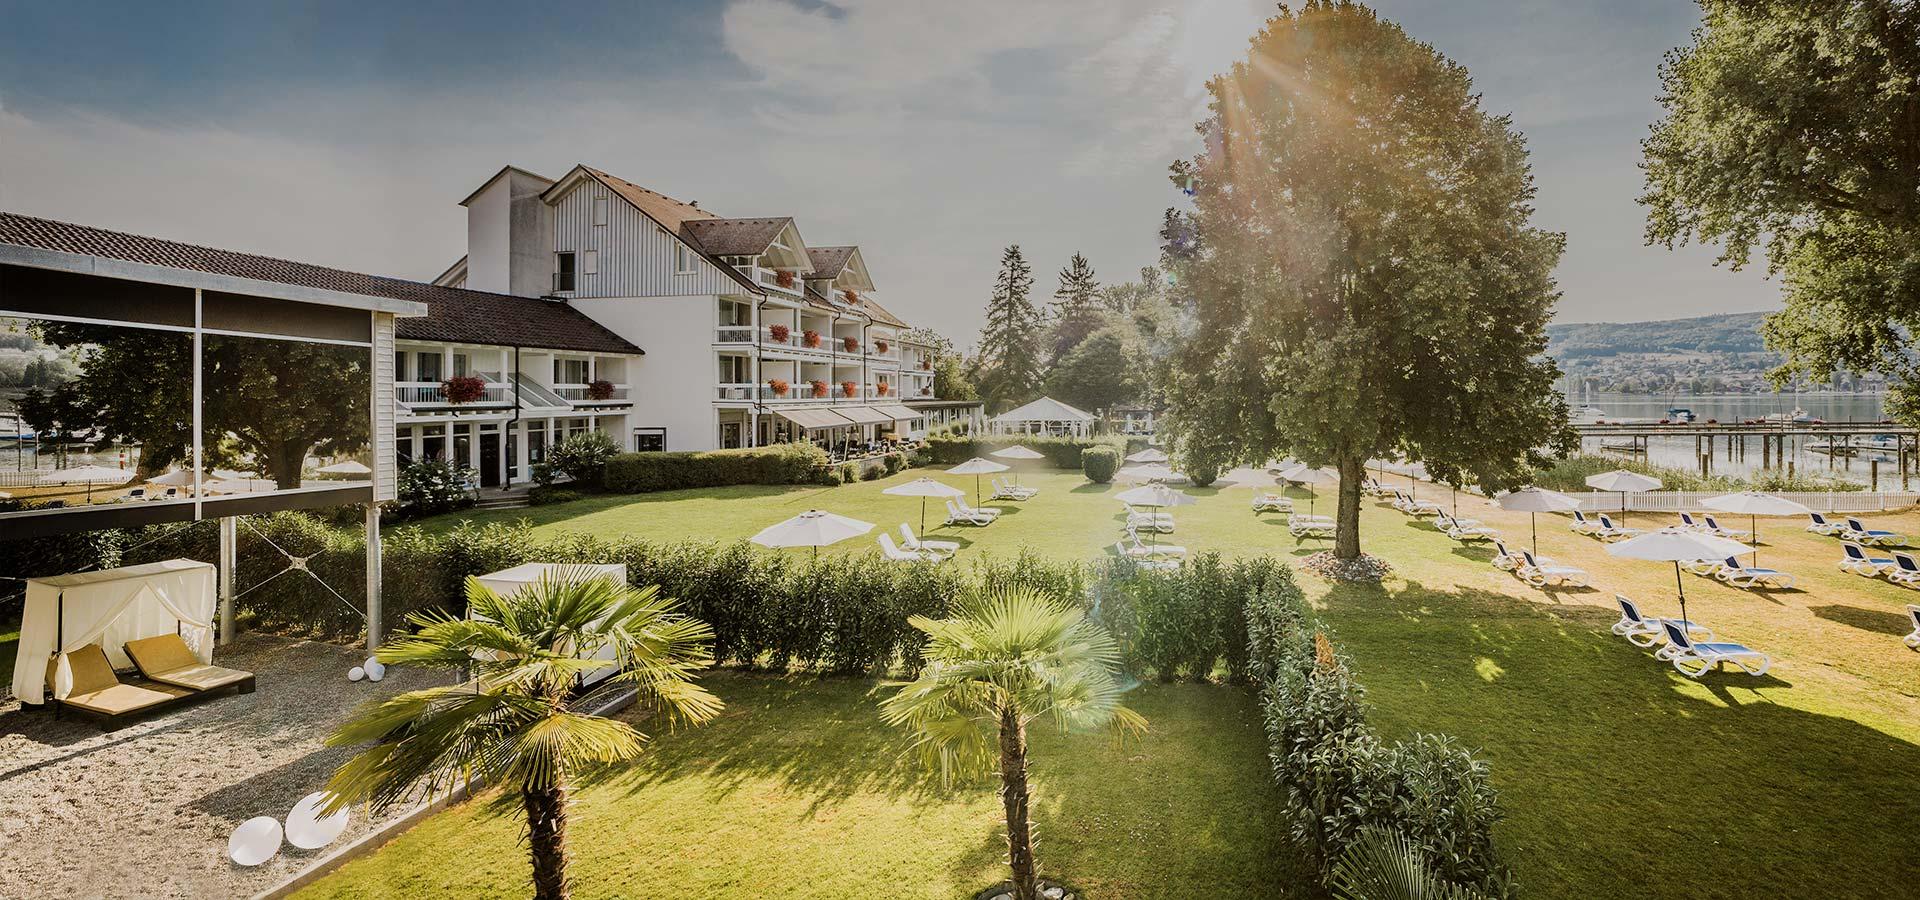 Hotelanlage HOERI am Bodensee